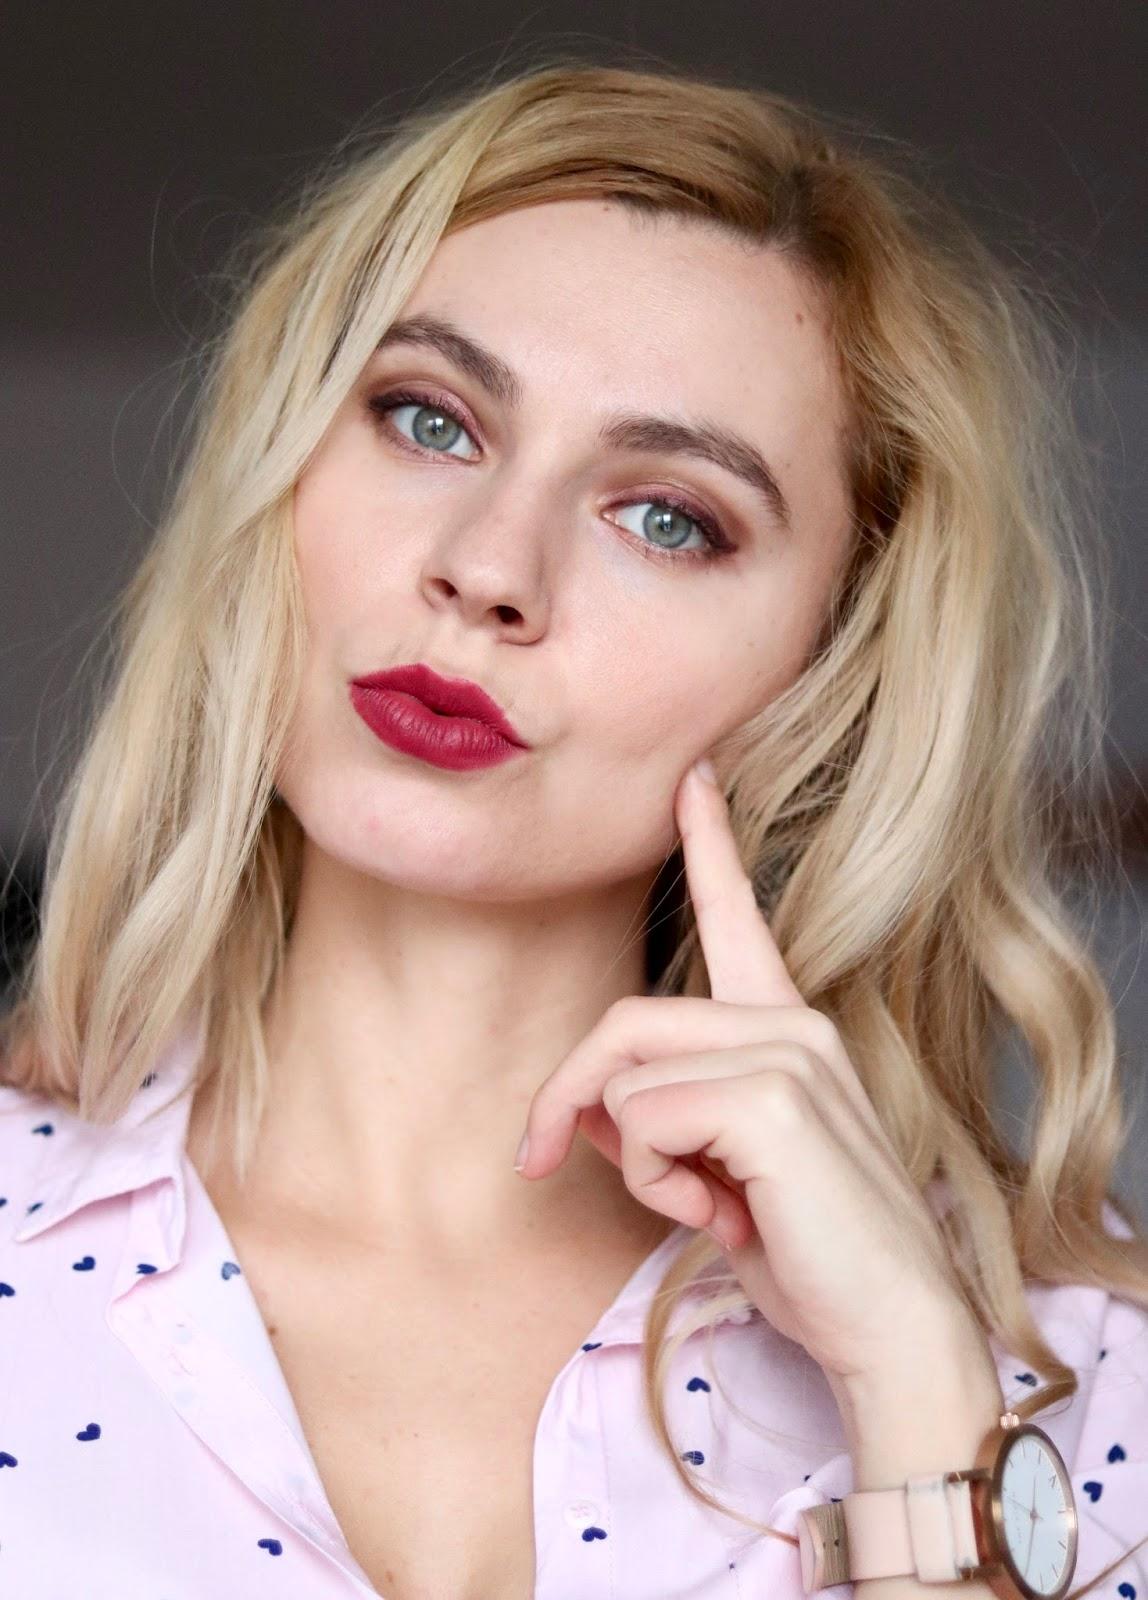 blog o kráse, recenzia kozmetiky, lifestyle